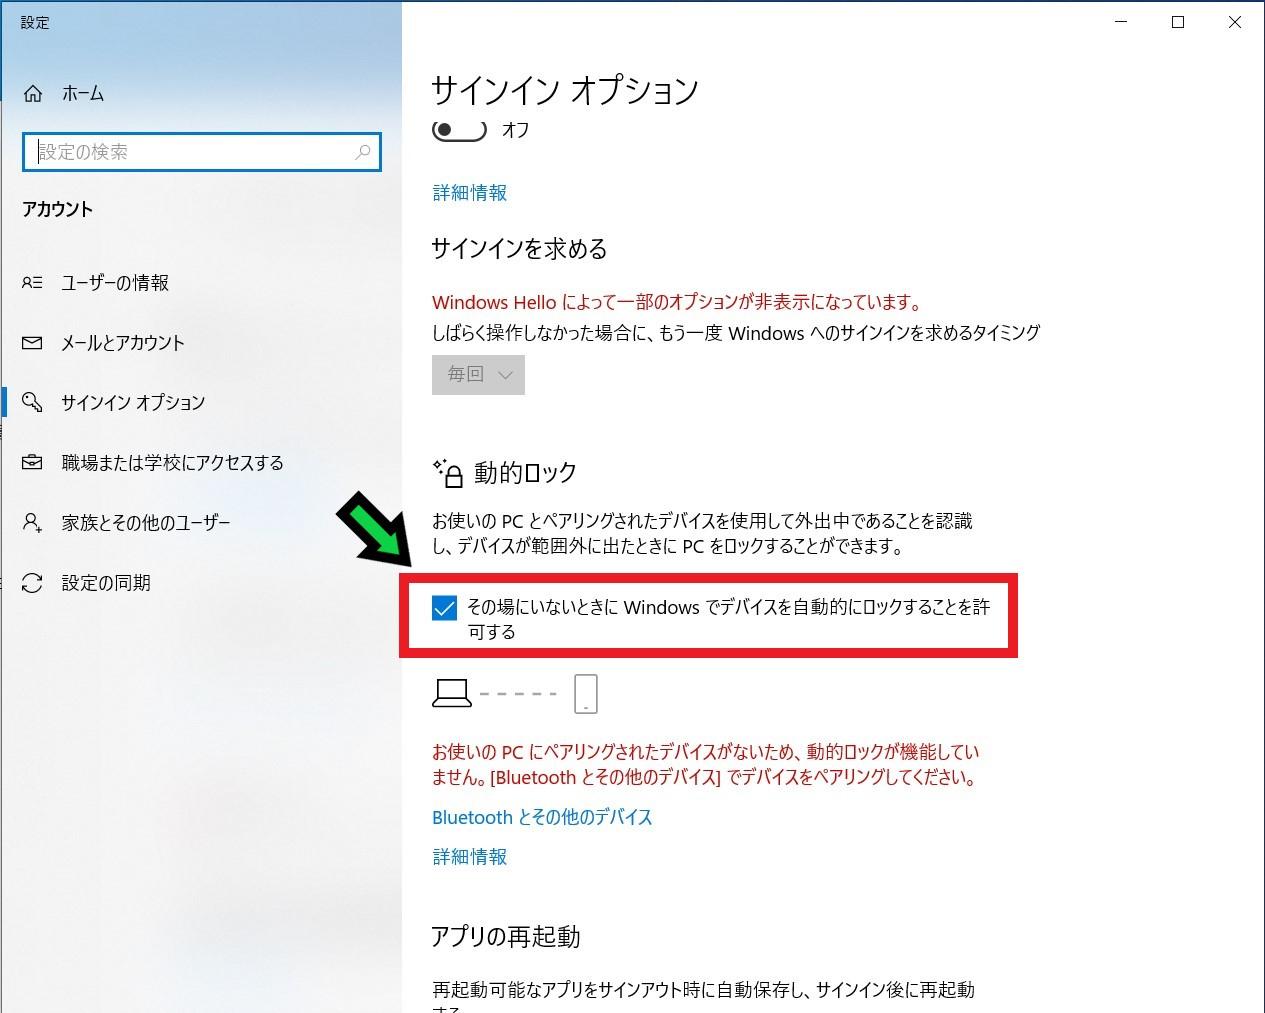 【動的ロックが機能していません】通知がこないようにする方法【windows10】